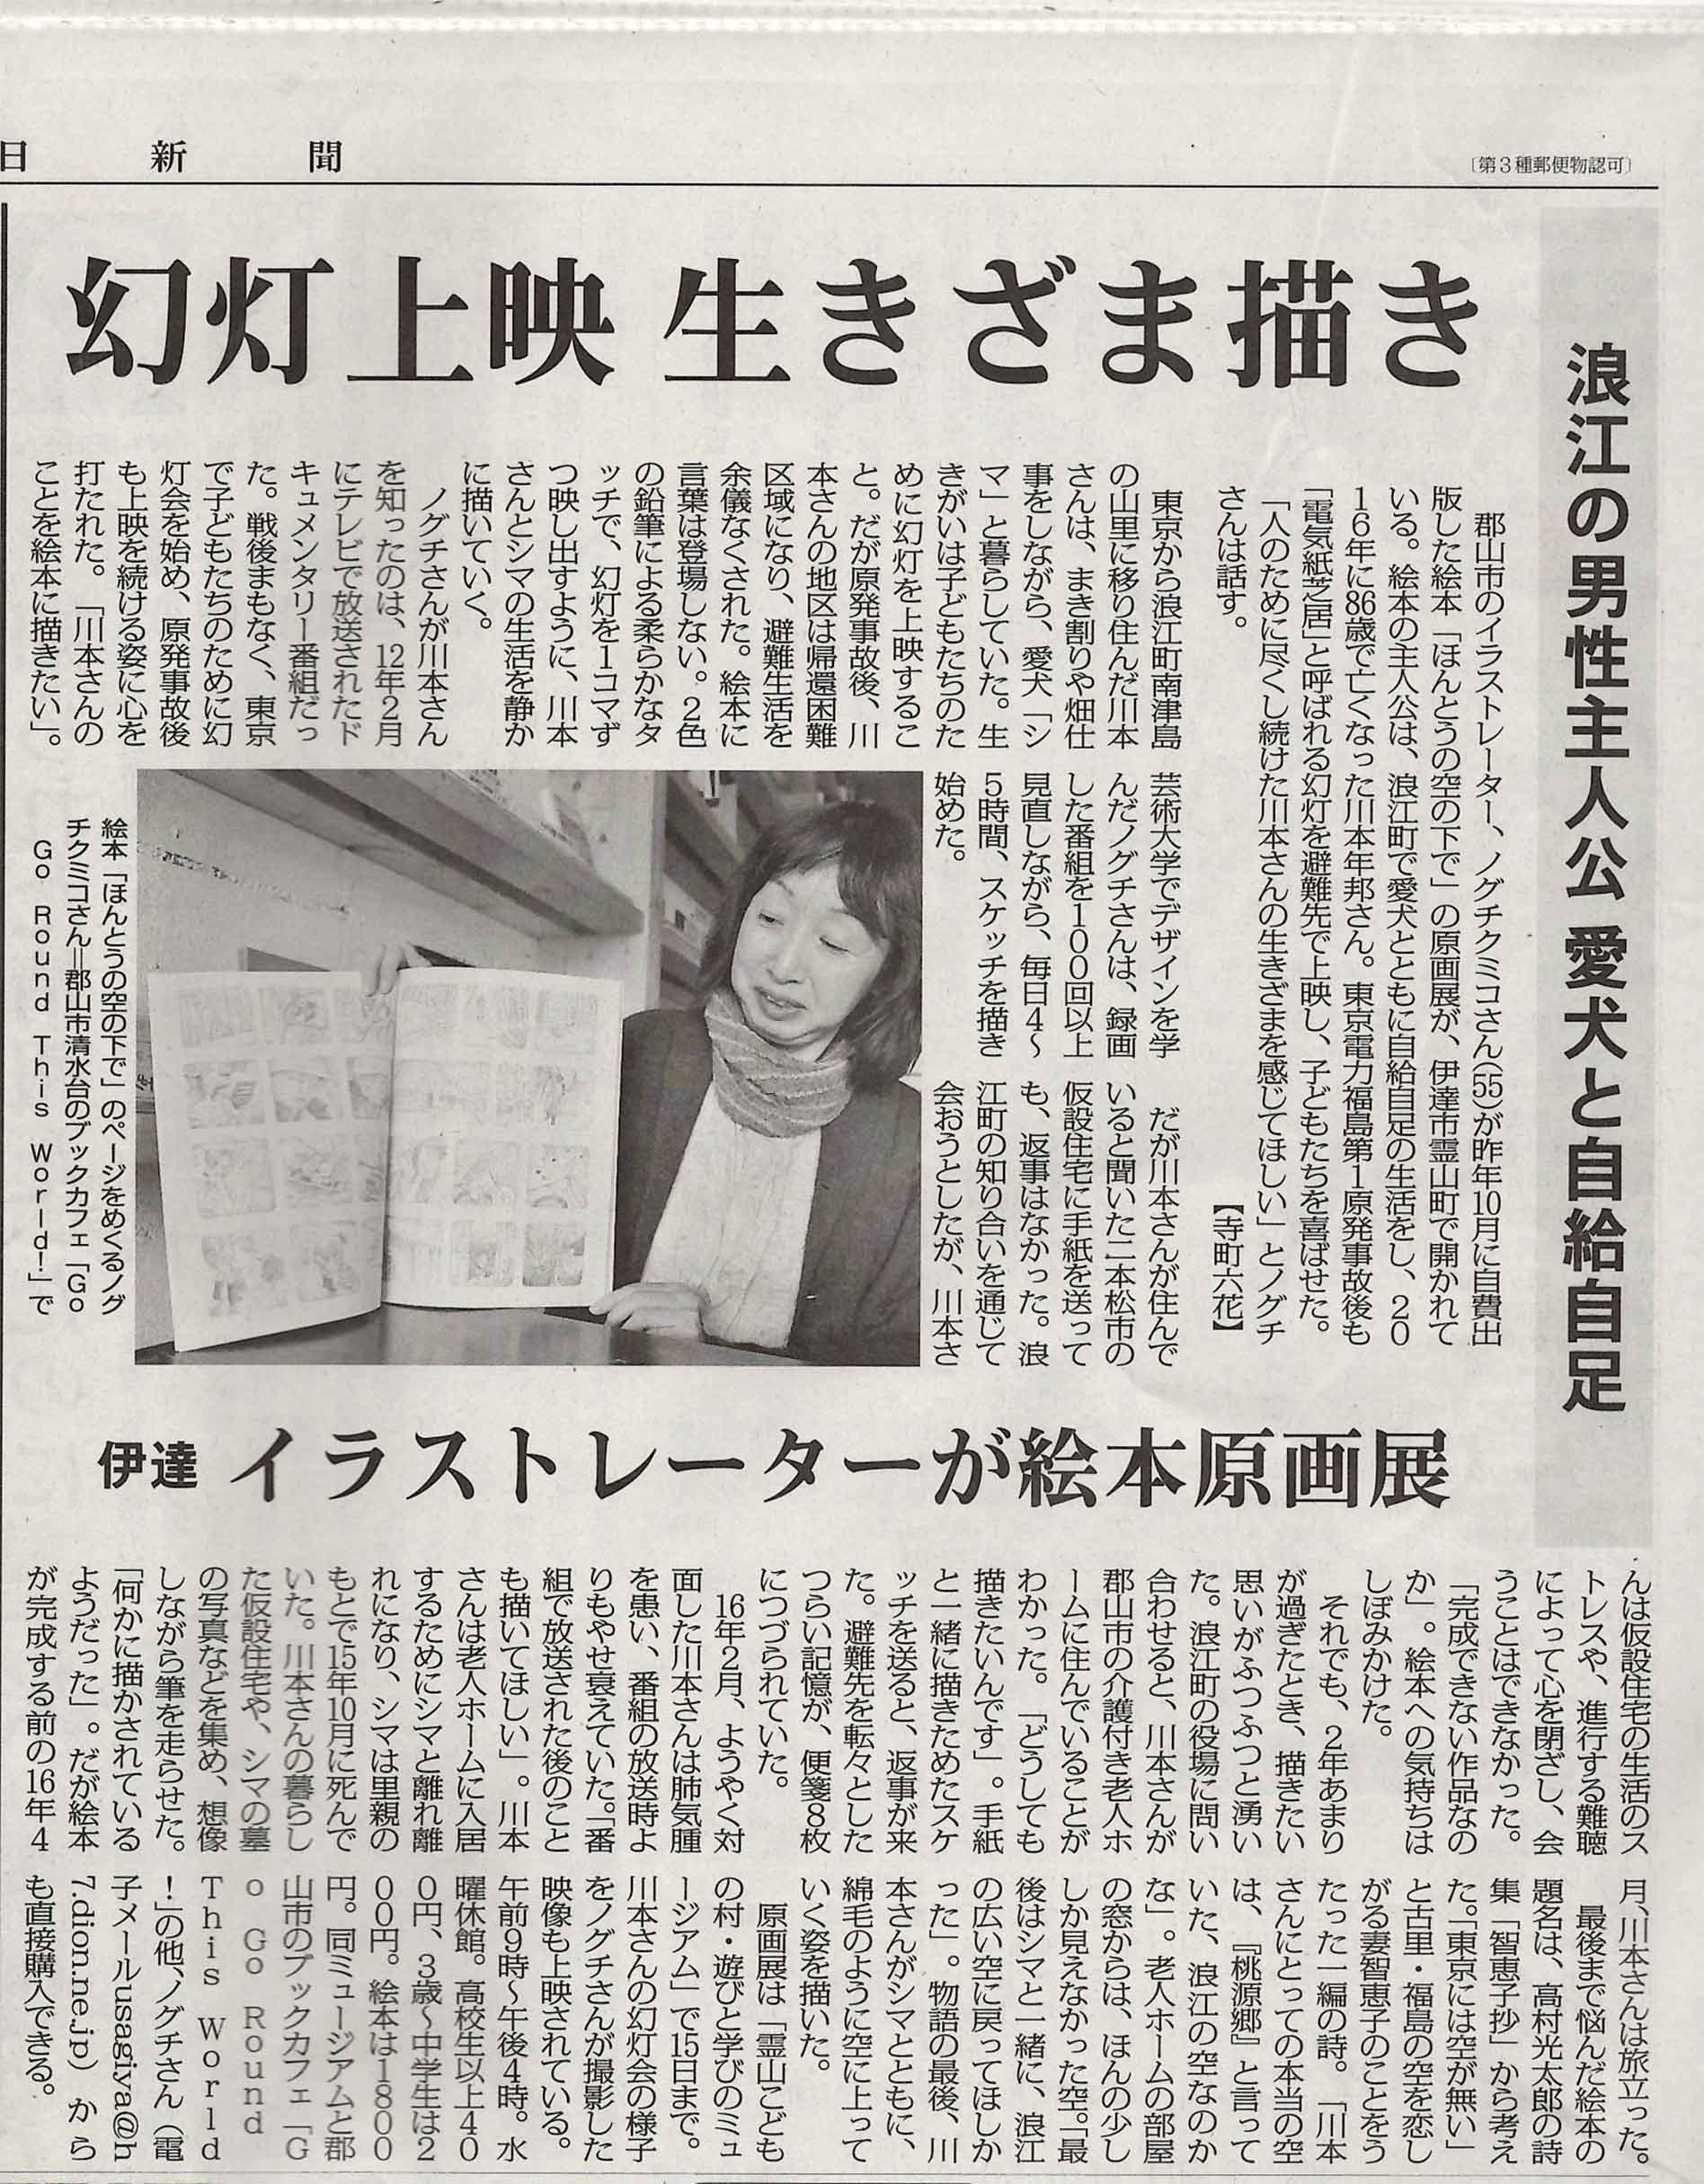 毎日新聞にノグチクミコさんの絵本『ほんとうの空の下で』の記事が掲載されました_f0296936_15242100.jpg